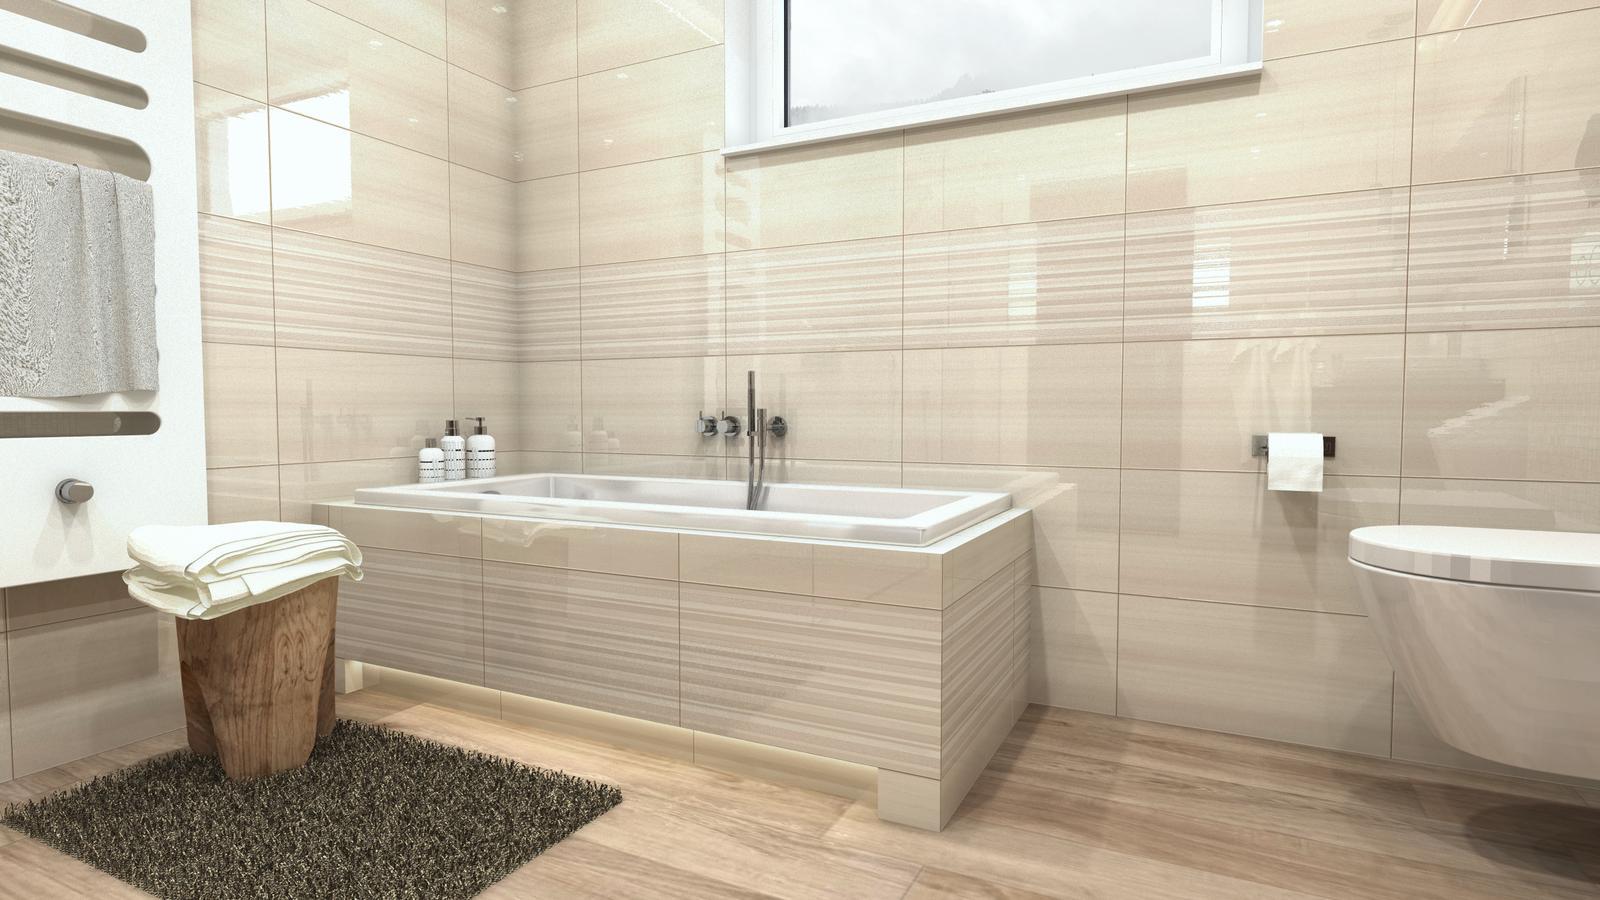 Vizualizácie kúpeľní - Obrázok č. 60